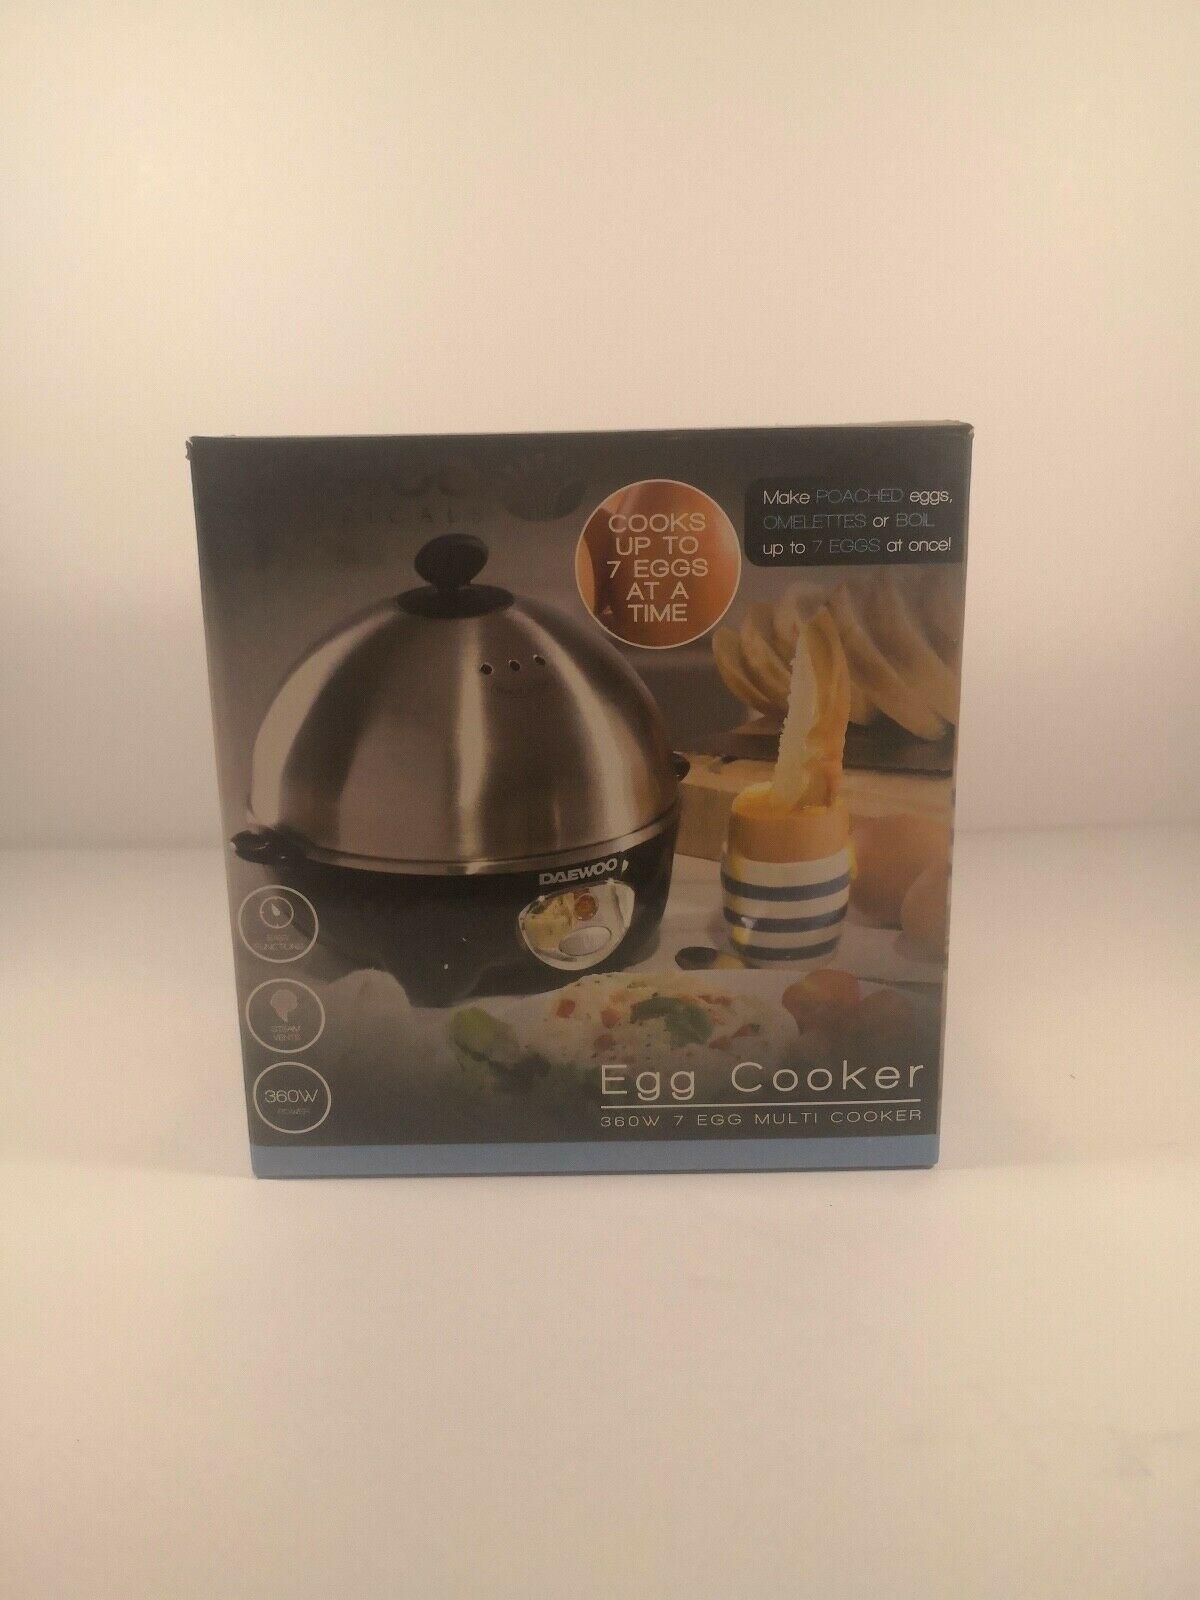 Daewoo 360W Electric Egg Boiler Cooker Poacher Steamer Omelette Maker Fit 7 Eggs